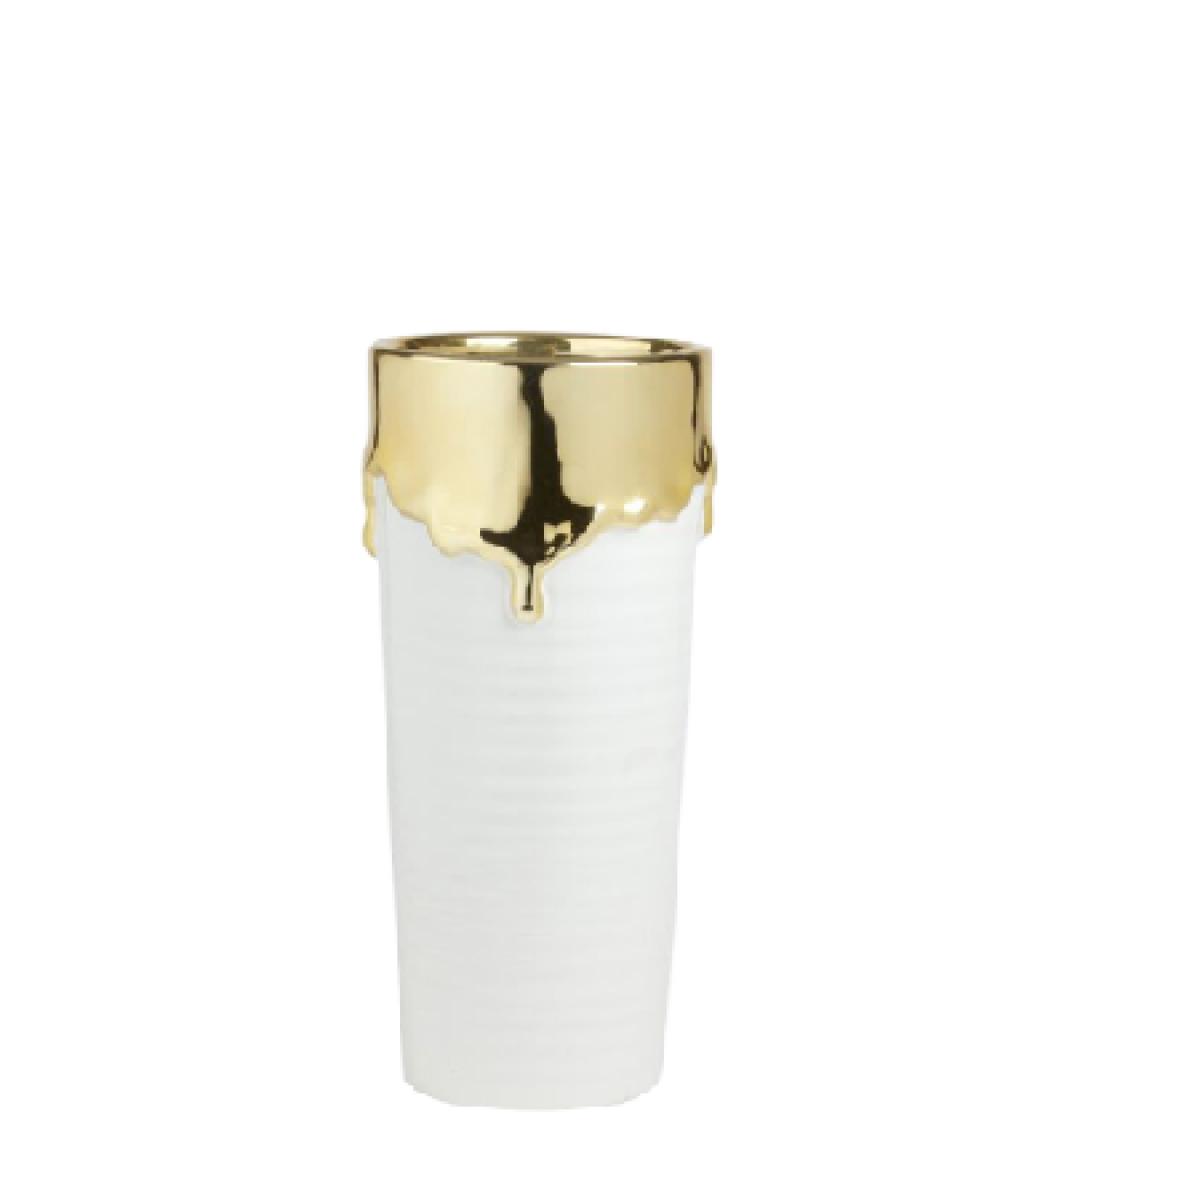 Abajo White & Gold 12x20.5cm Ceramic Vase - 1 No